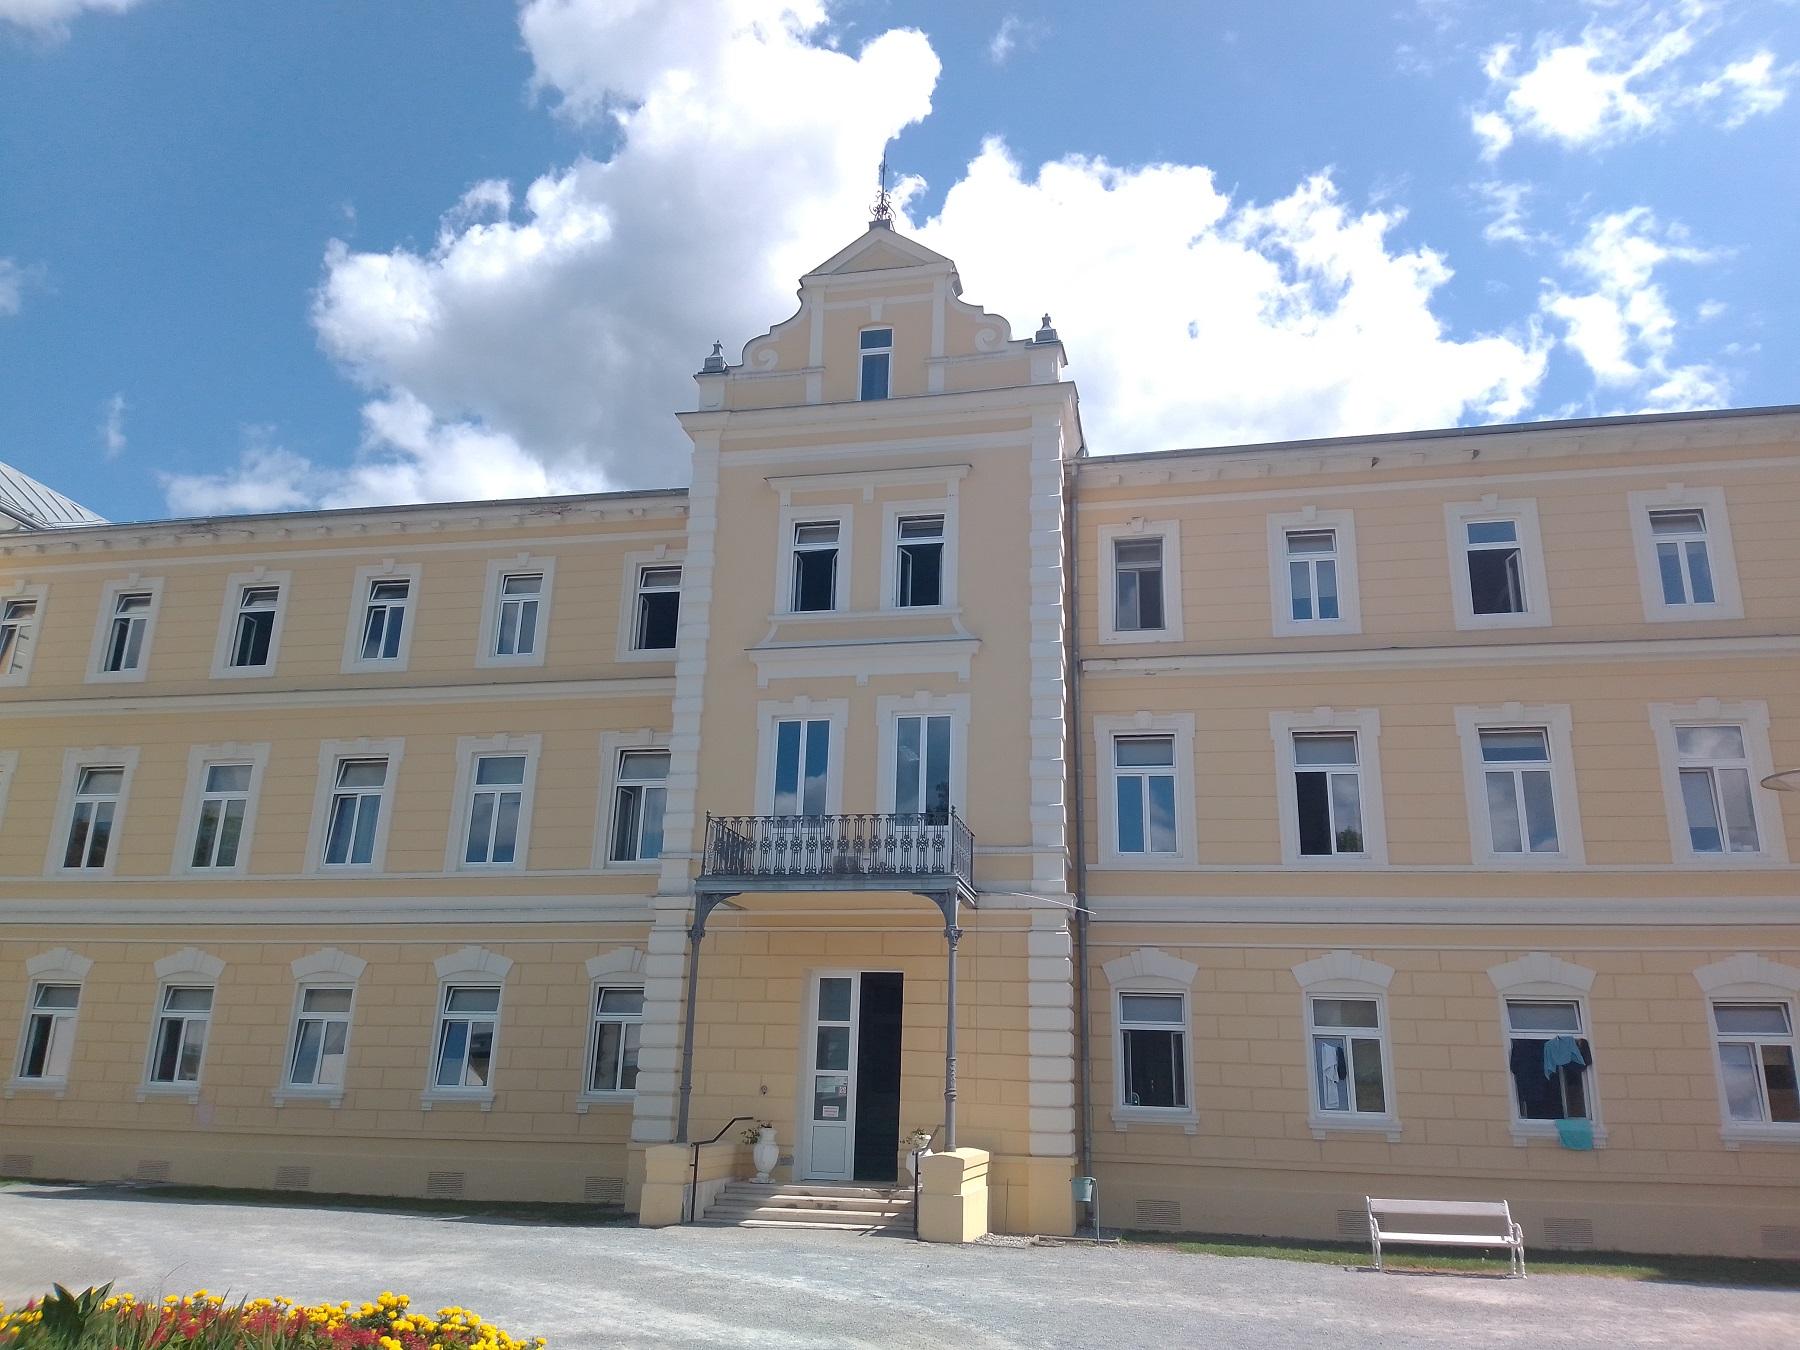 Glavna_zgrada_Toplica_Lipik_-_specijalne_bolnice